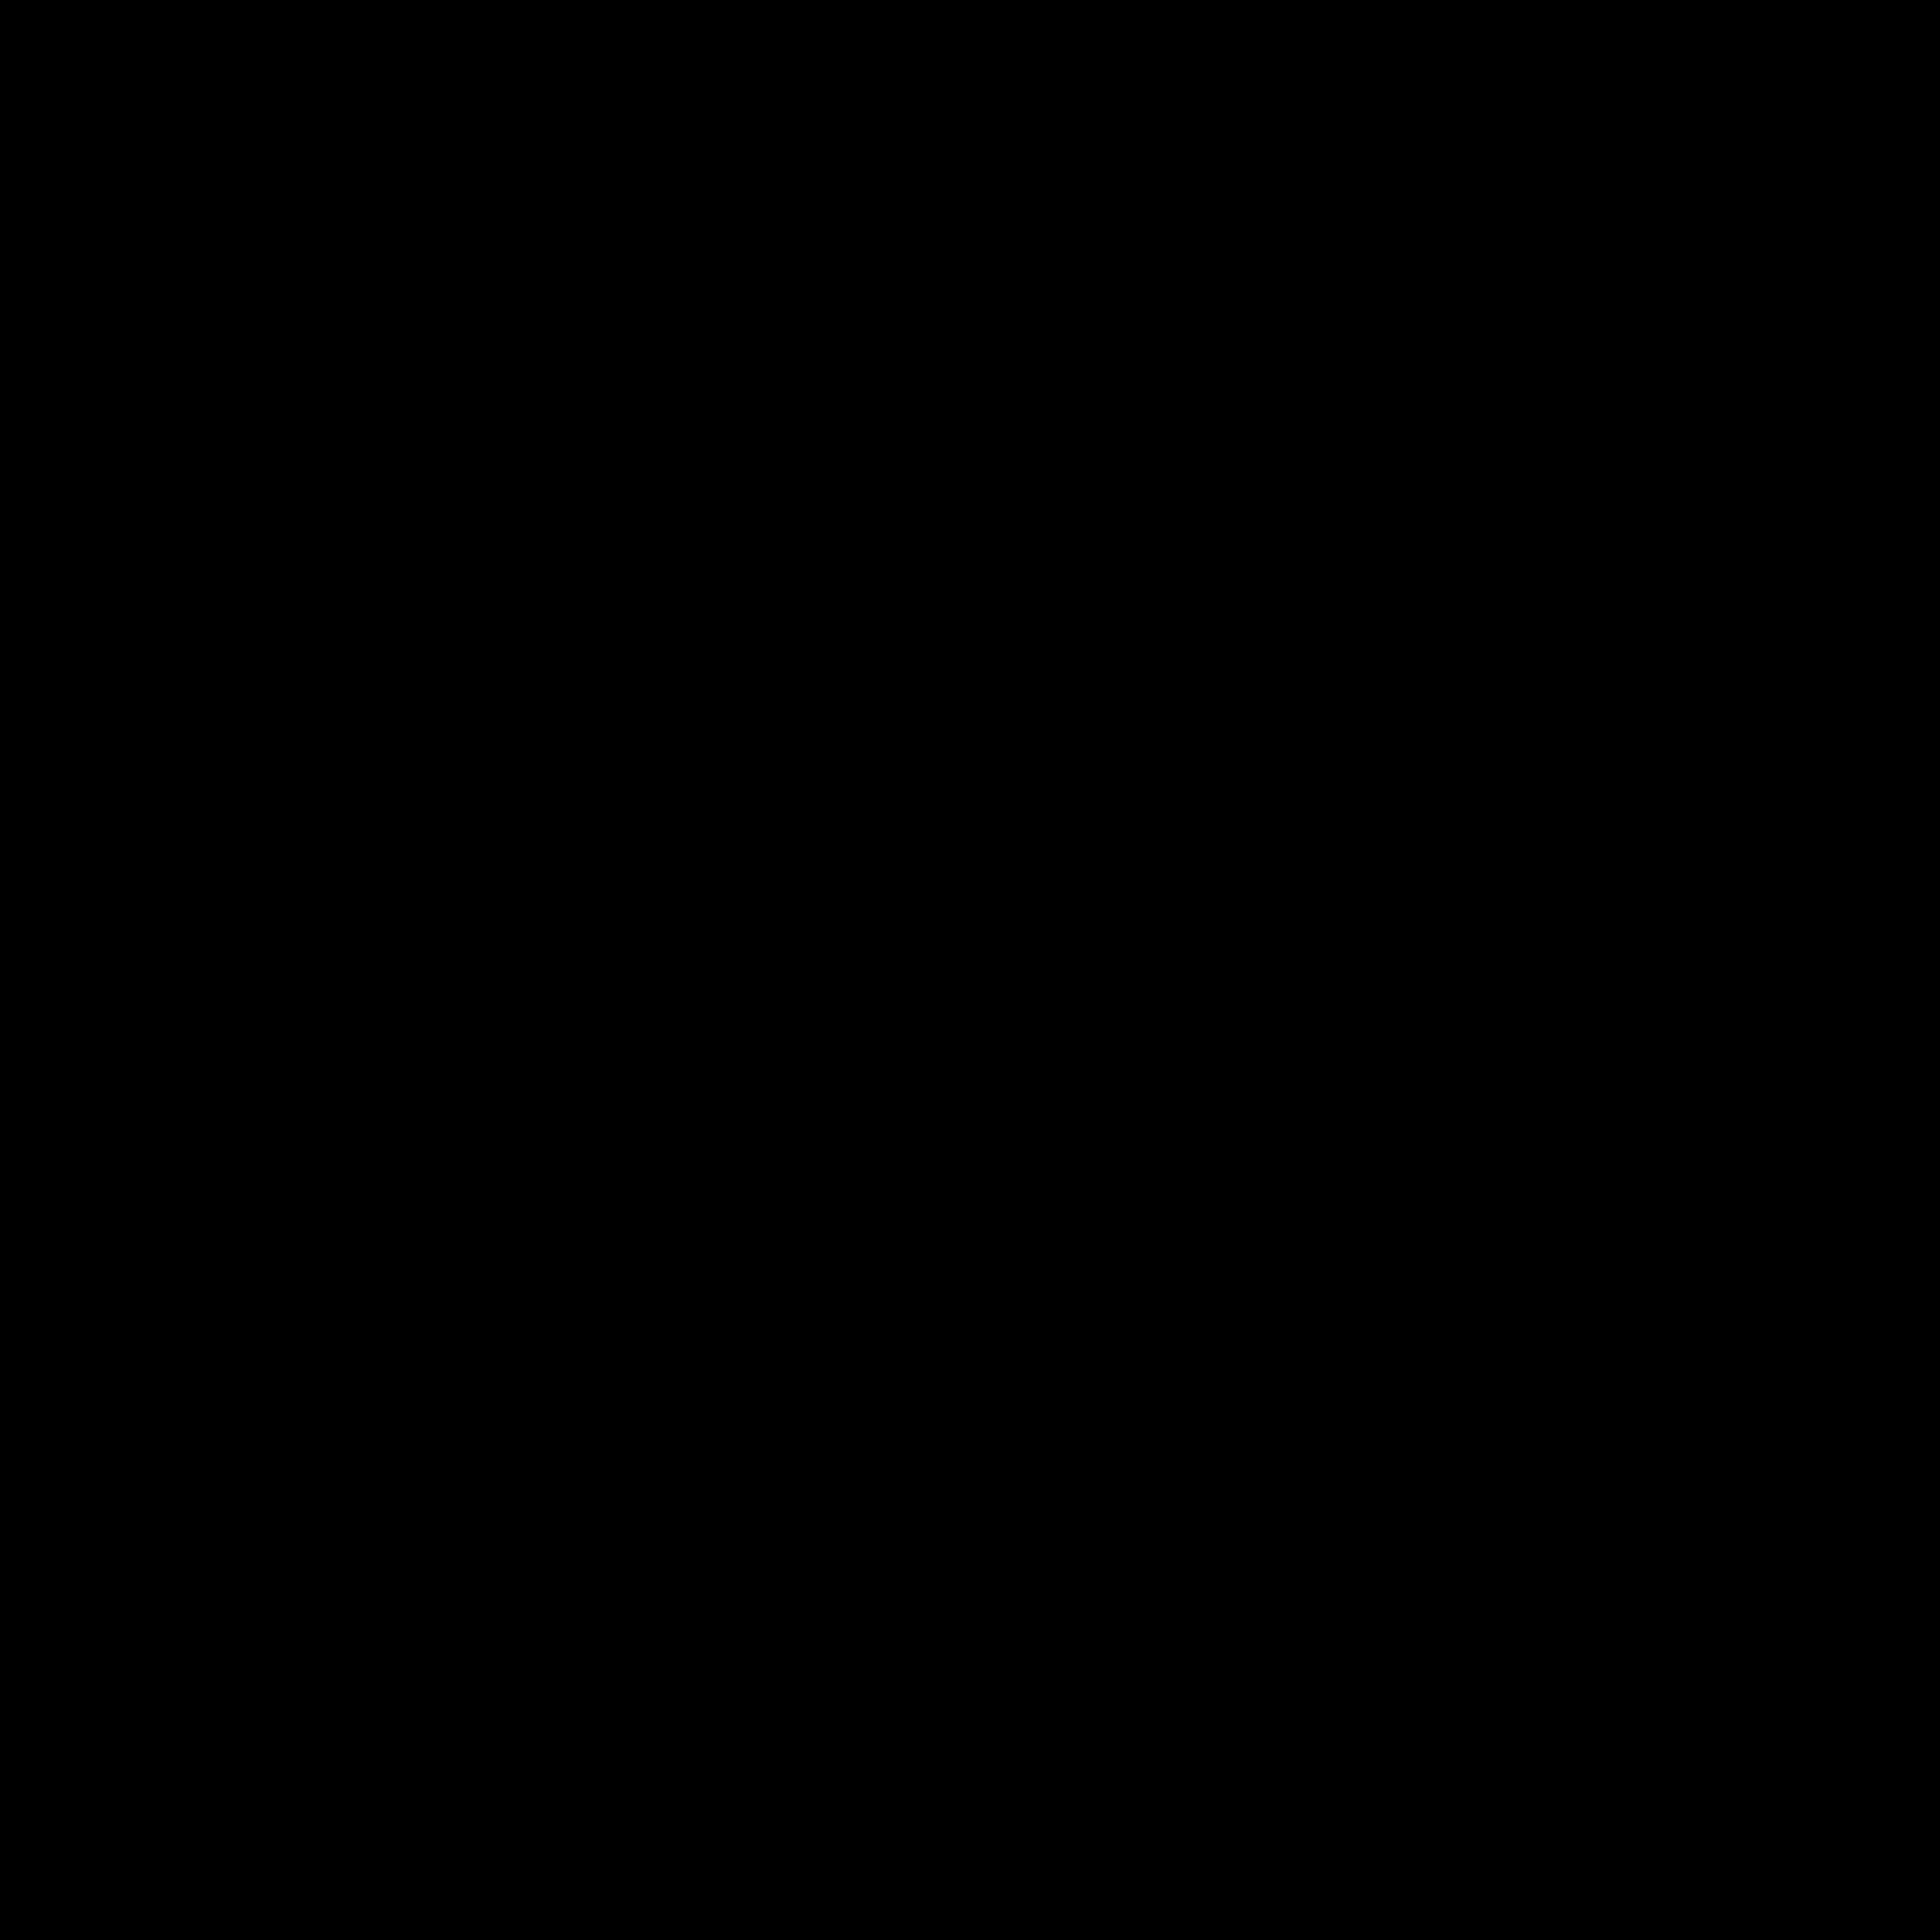 Finnoon metroasemalla on kaksi sisäänkäyntirakennusta, jotka ovat nimeltään Finnoonsilta ja Meritie. Finnoonsillan sisäänkäynti on asemalaiturin pohjoispuolella, Kaitaantien ja Finnoonsillan kulmassa. Meritien sisäänkäynti on asemalaiturin eteläpuolella, Meritien varrella. Finnoon metroasemalla on teknisiä kuiluja.